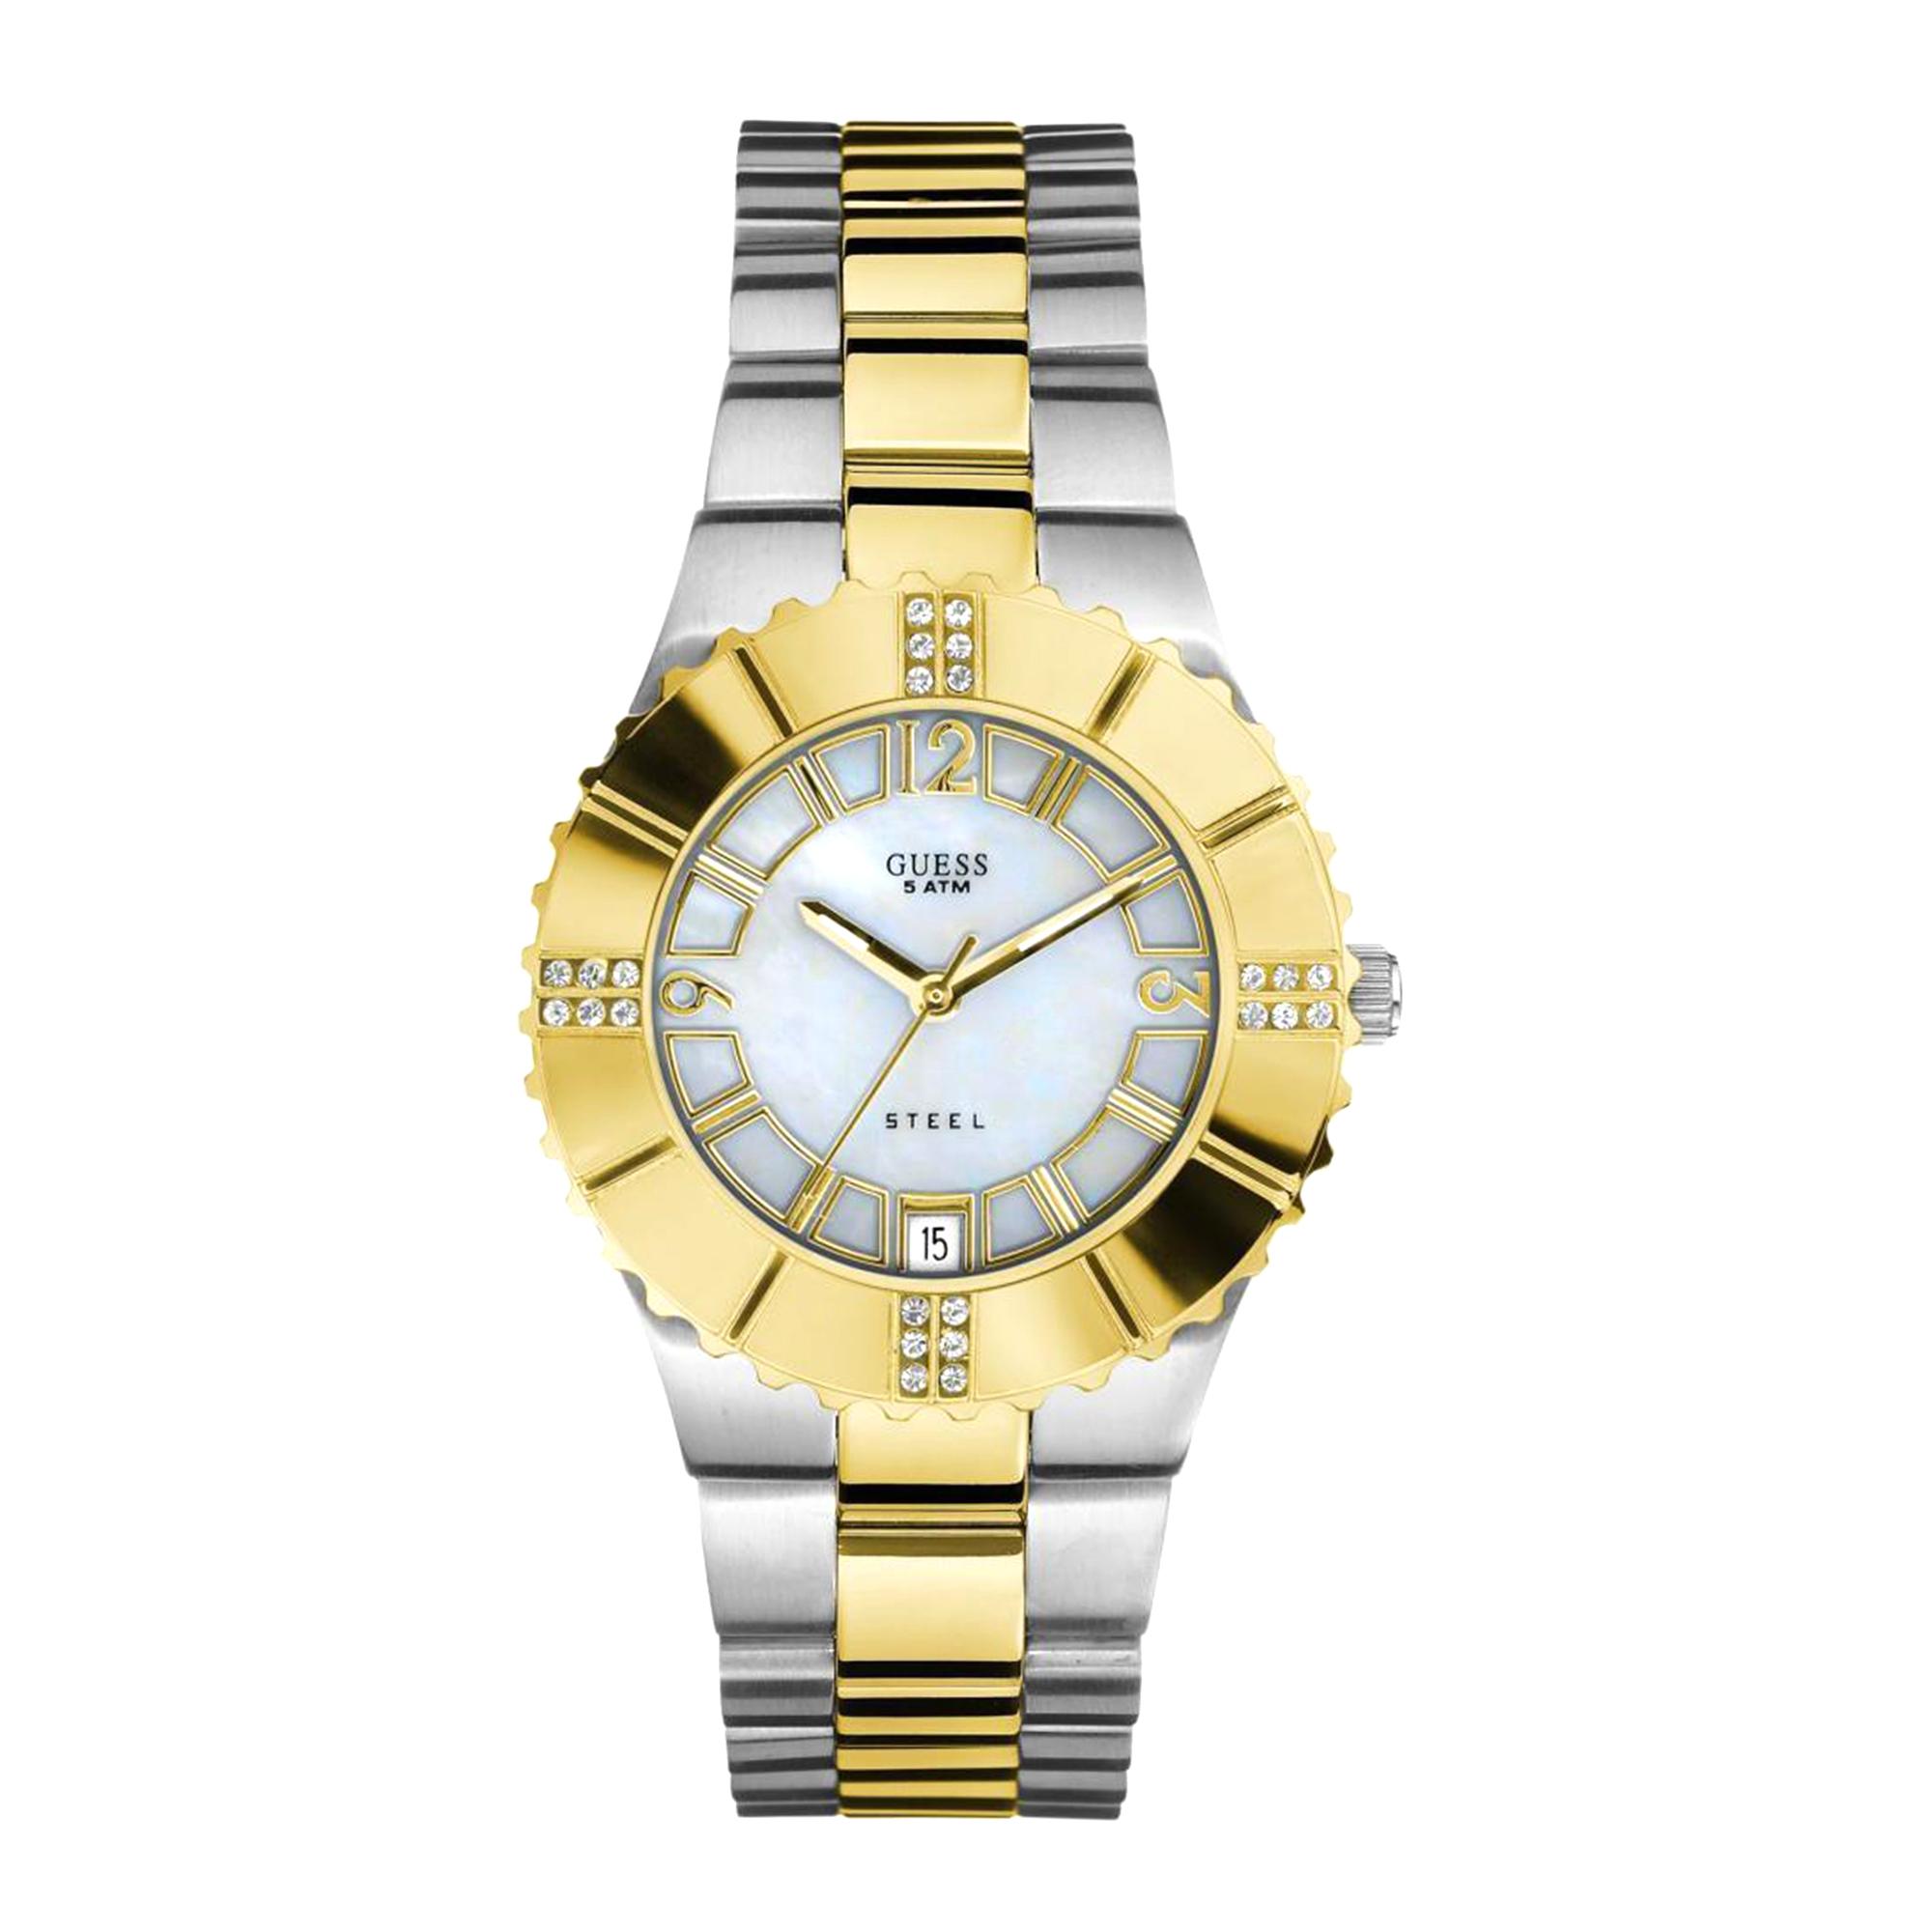 ساعت مچی عقربه ای زنانه گس مدل W10220L1